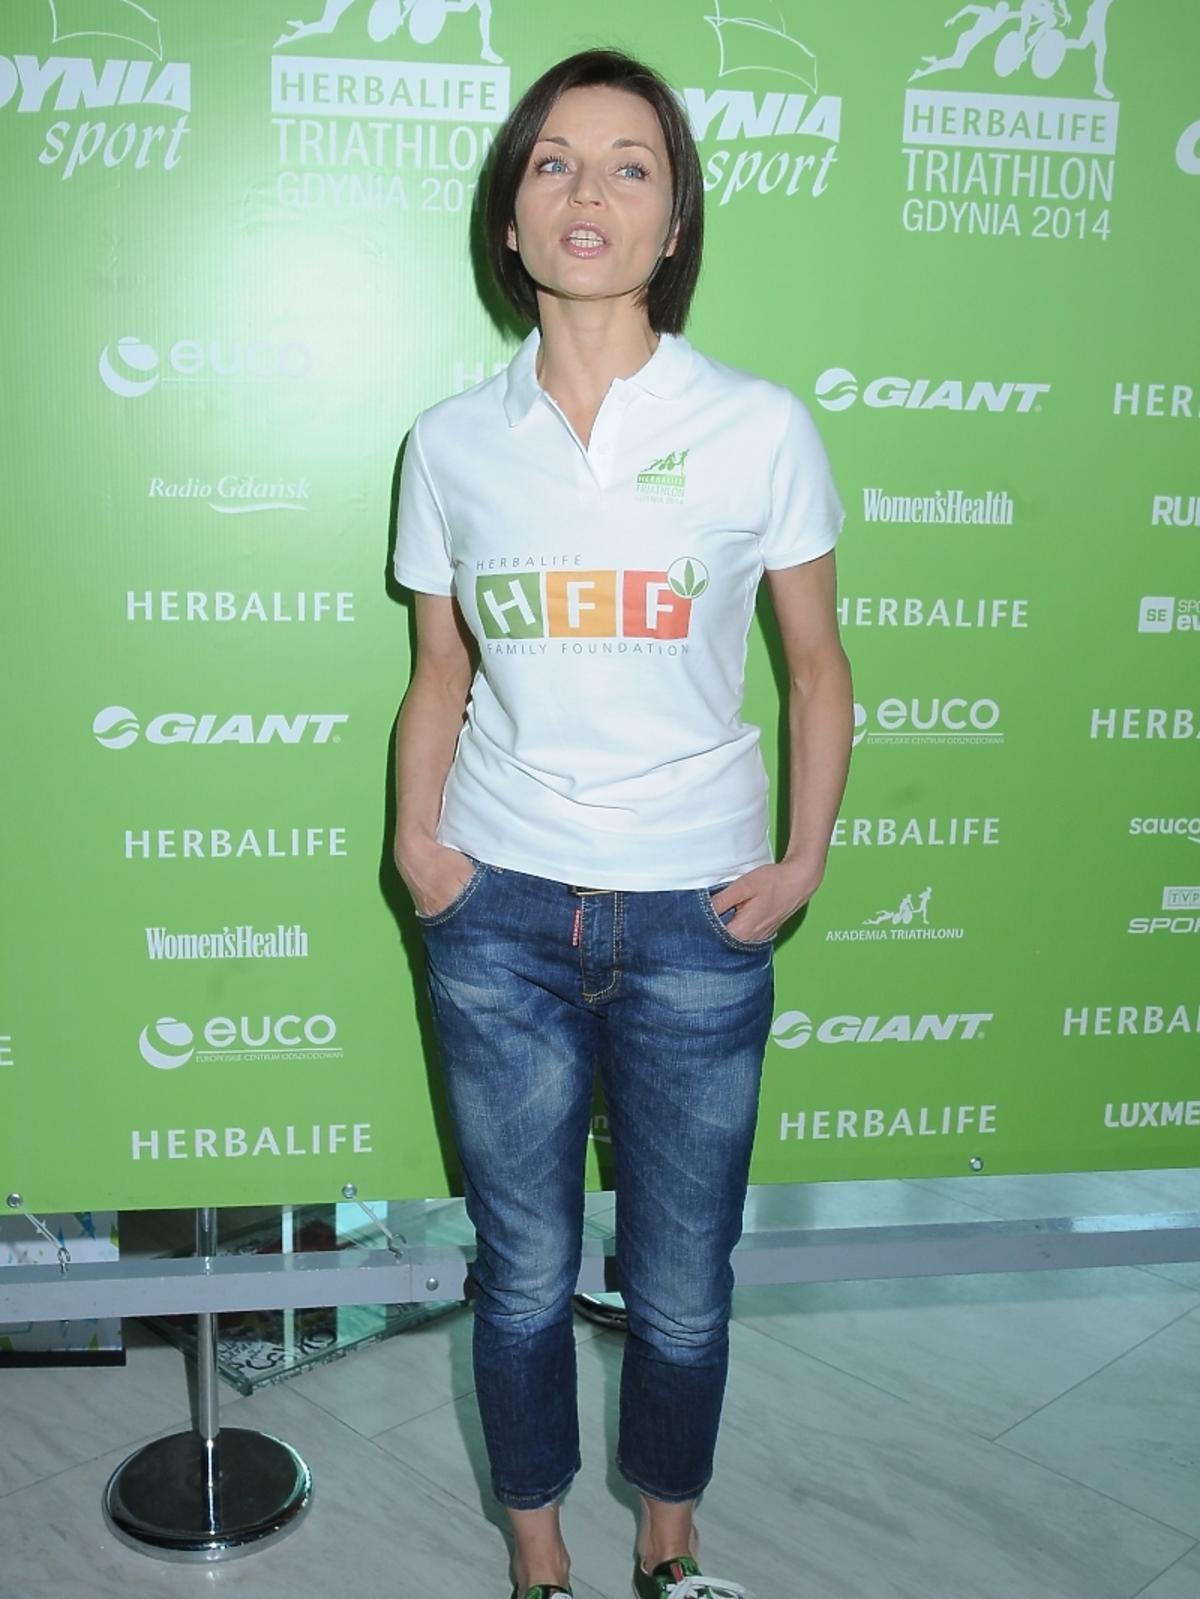 Małgorzata Foremniak na konferencji Herbalife Triathlon Gdynia 2014